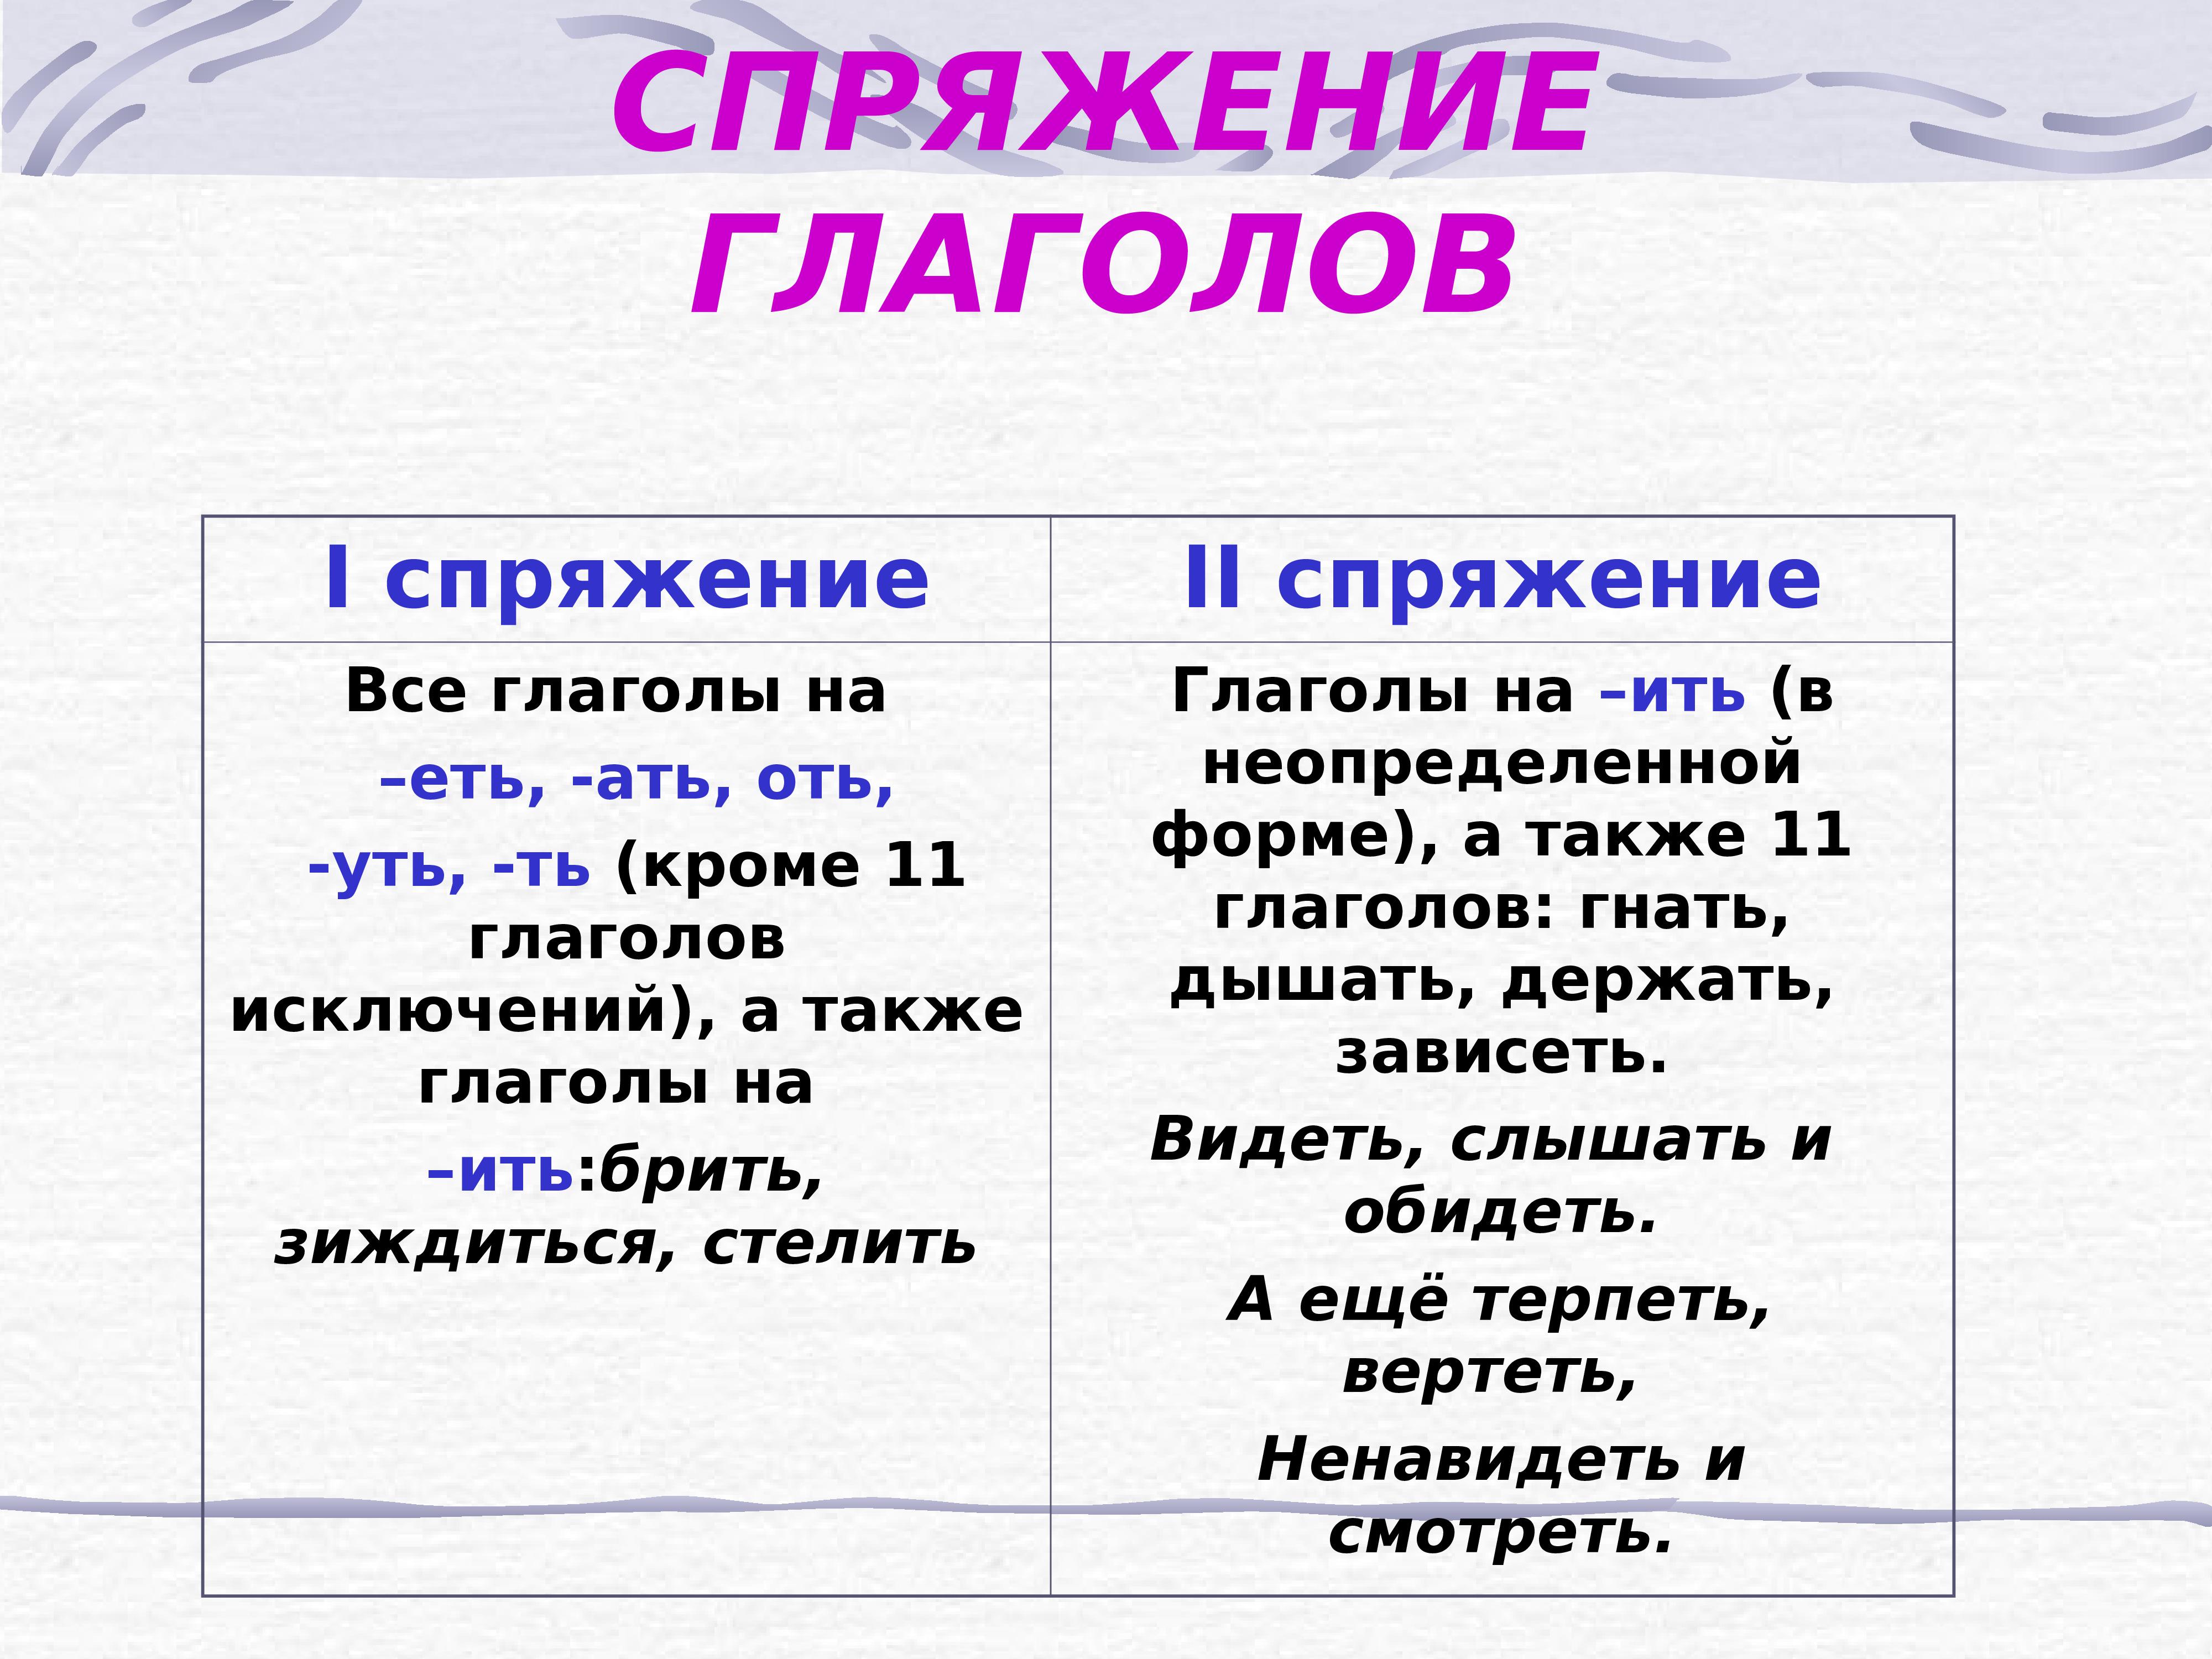 Глагол в русском языке — википедия. что такое глагол в русском языке